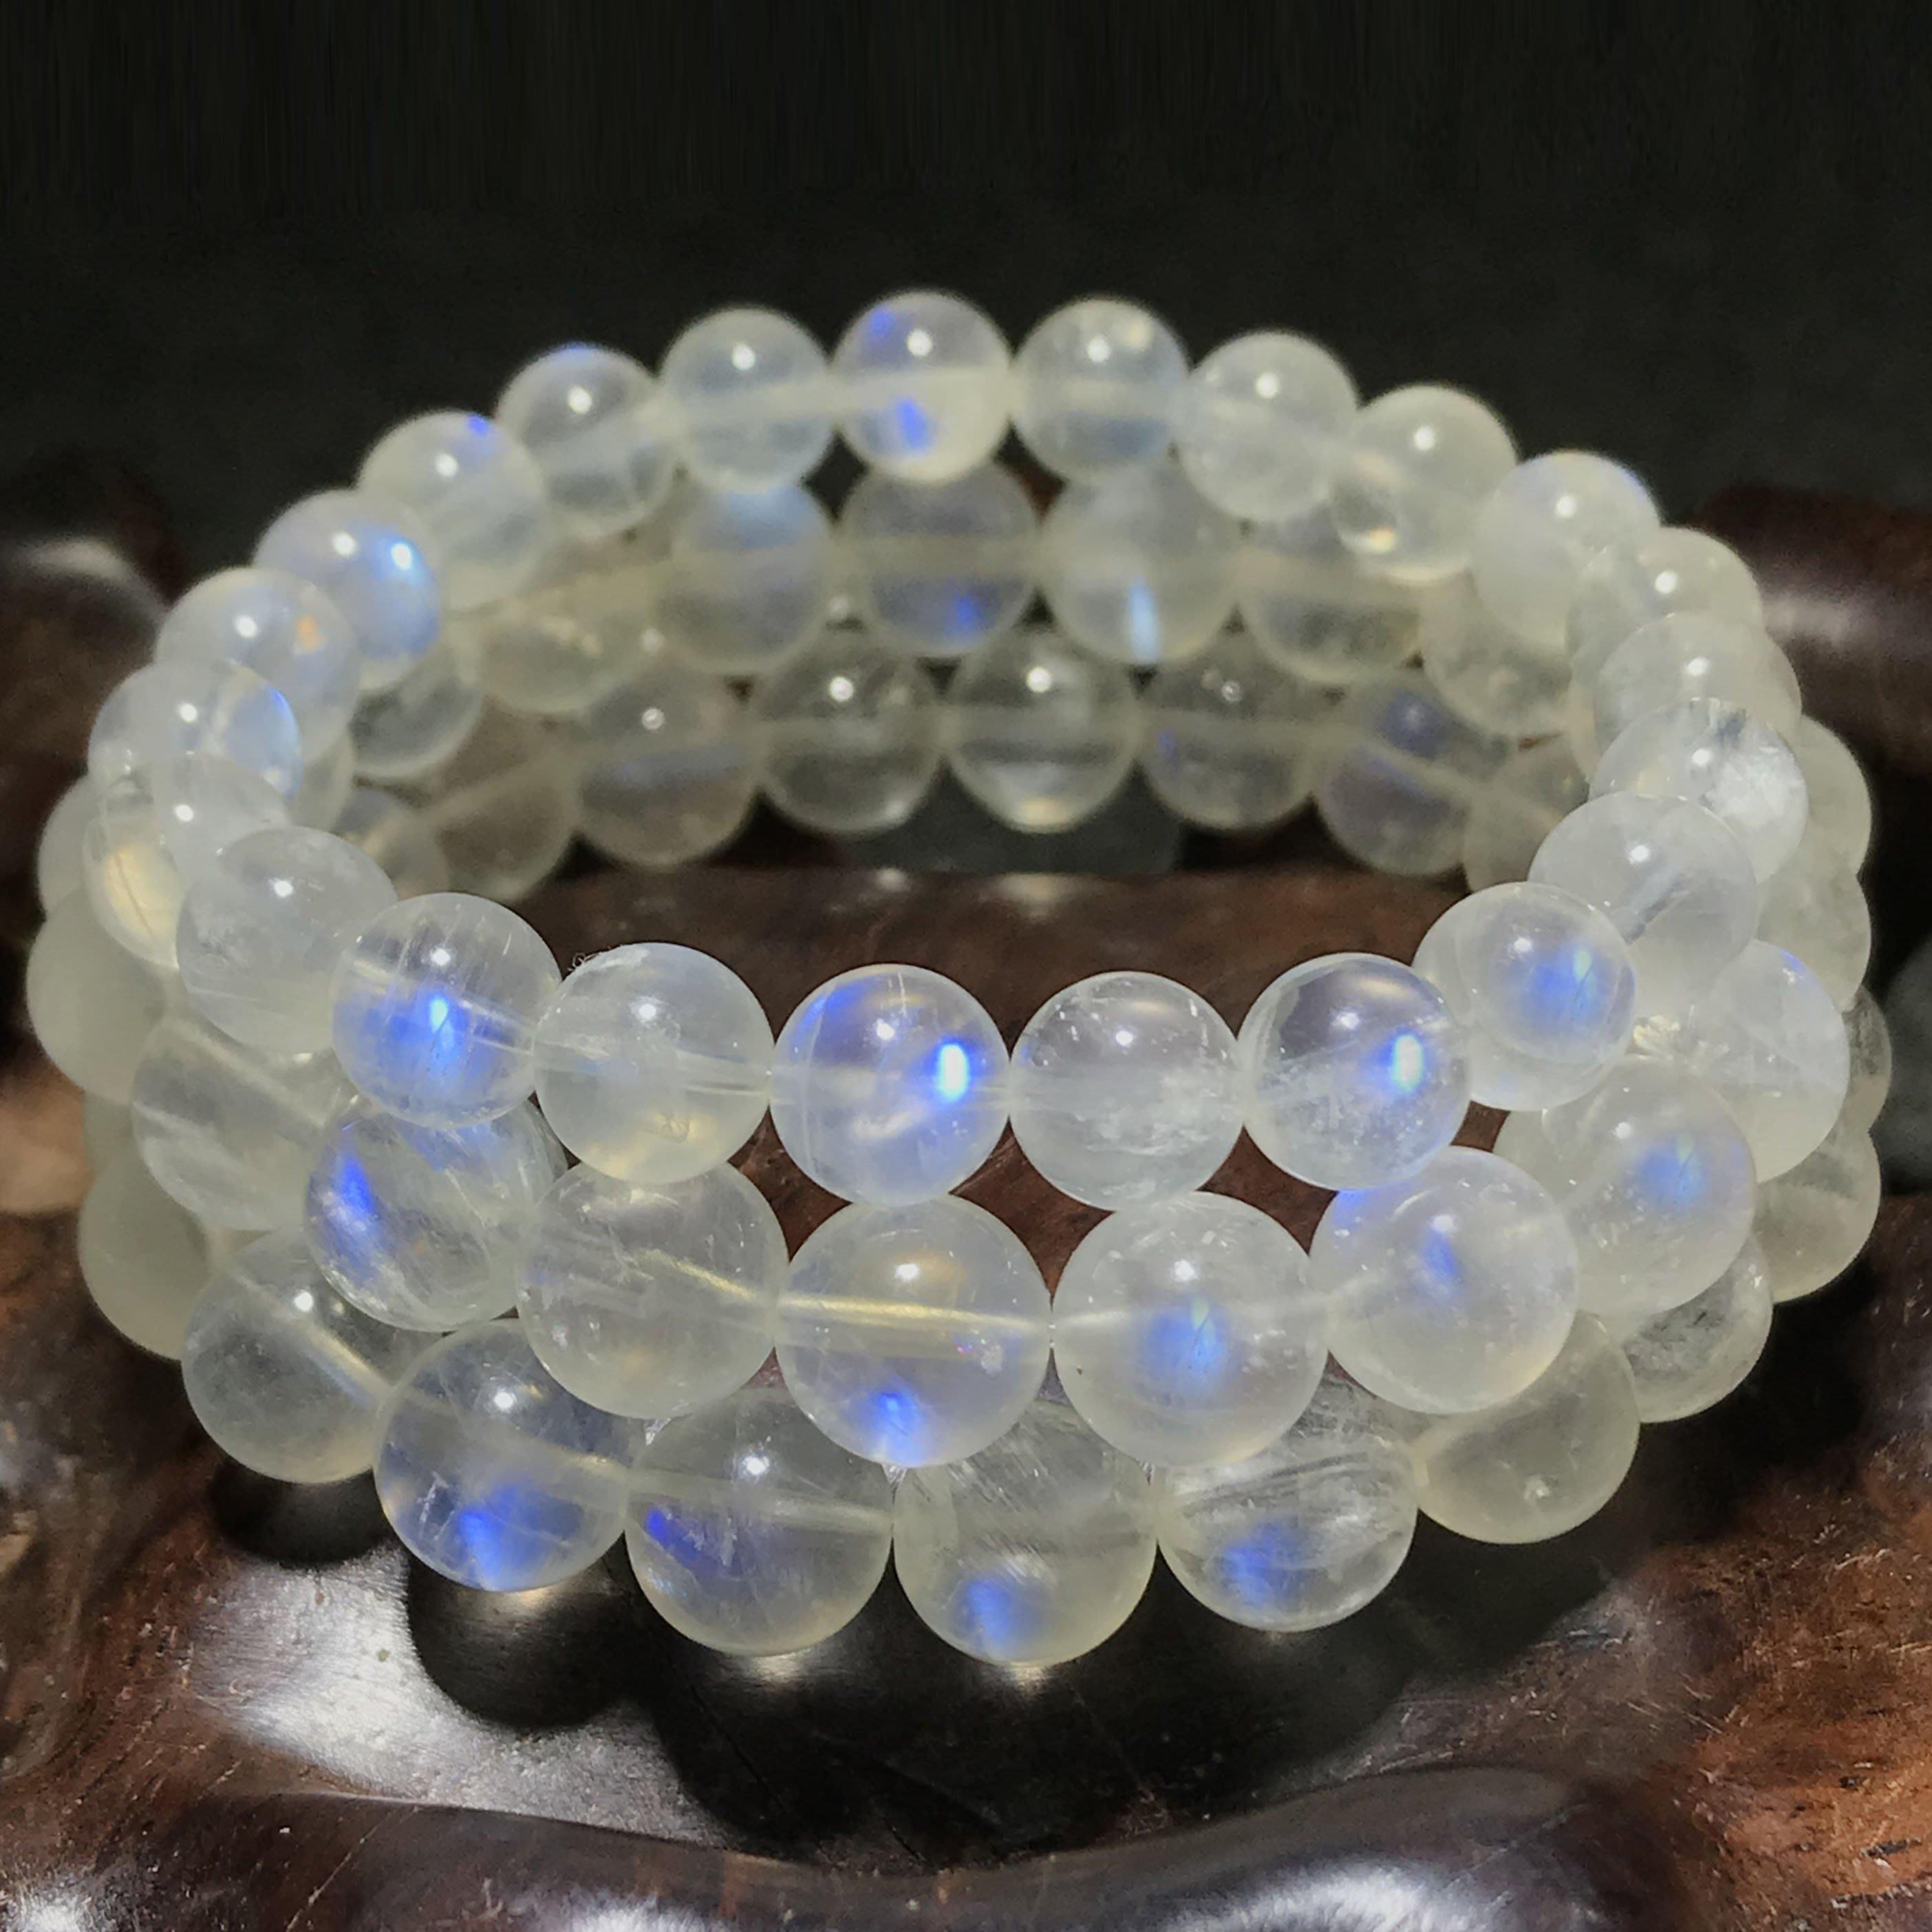 【月壺】一物一圖5A天然藍月光石手鏈女款飾品奶油體月光石簡約手串強藍光